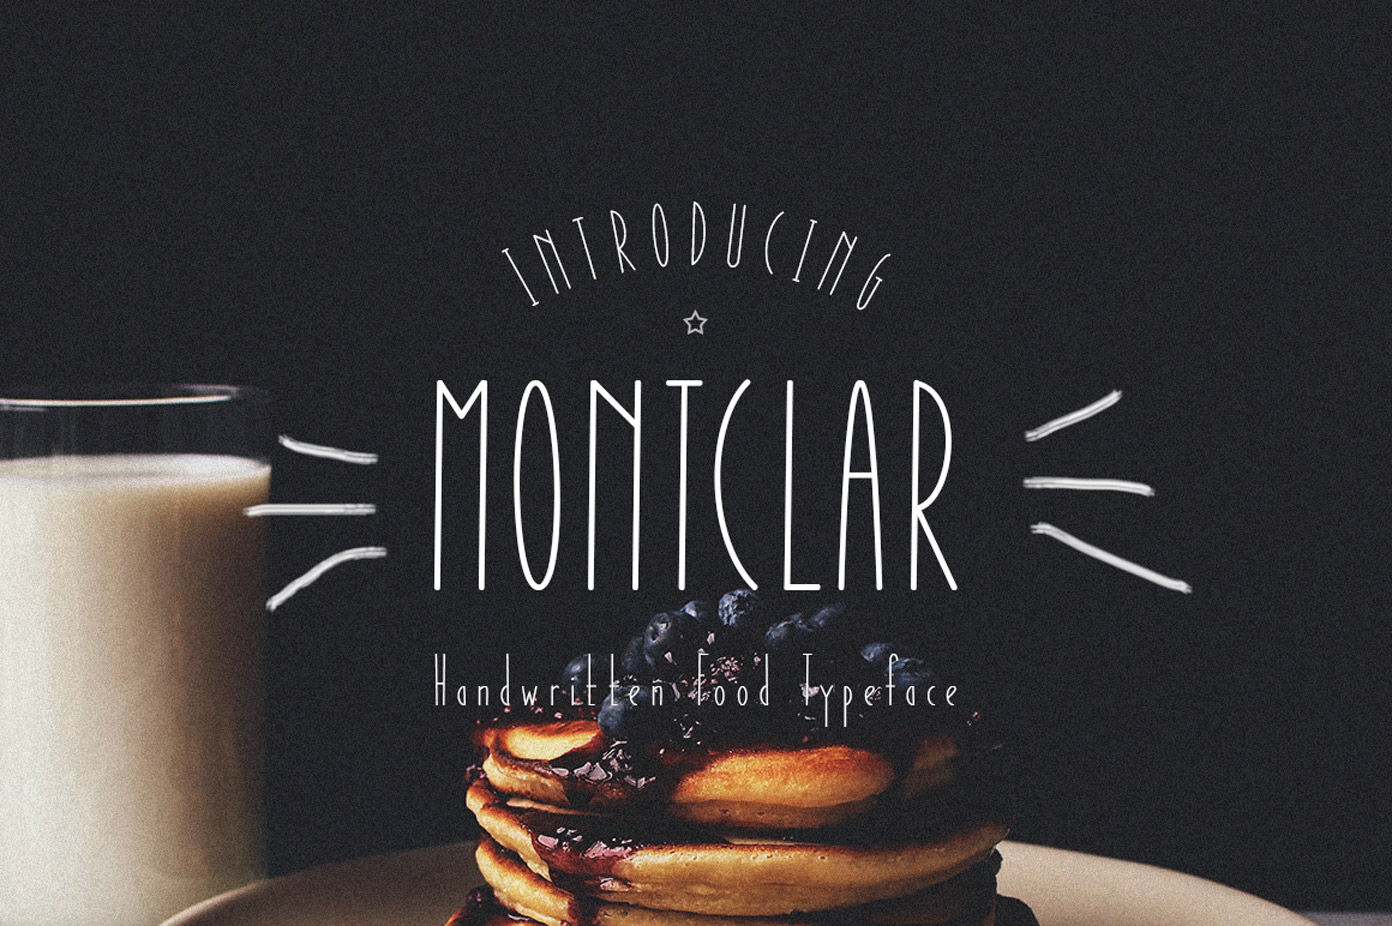 Montclar